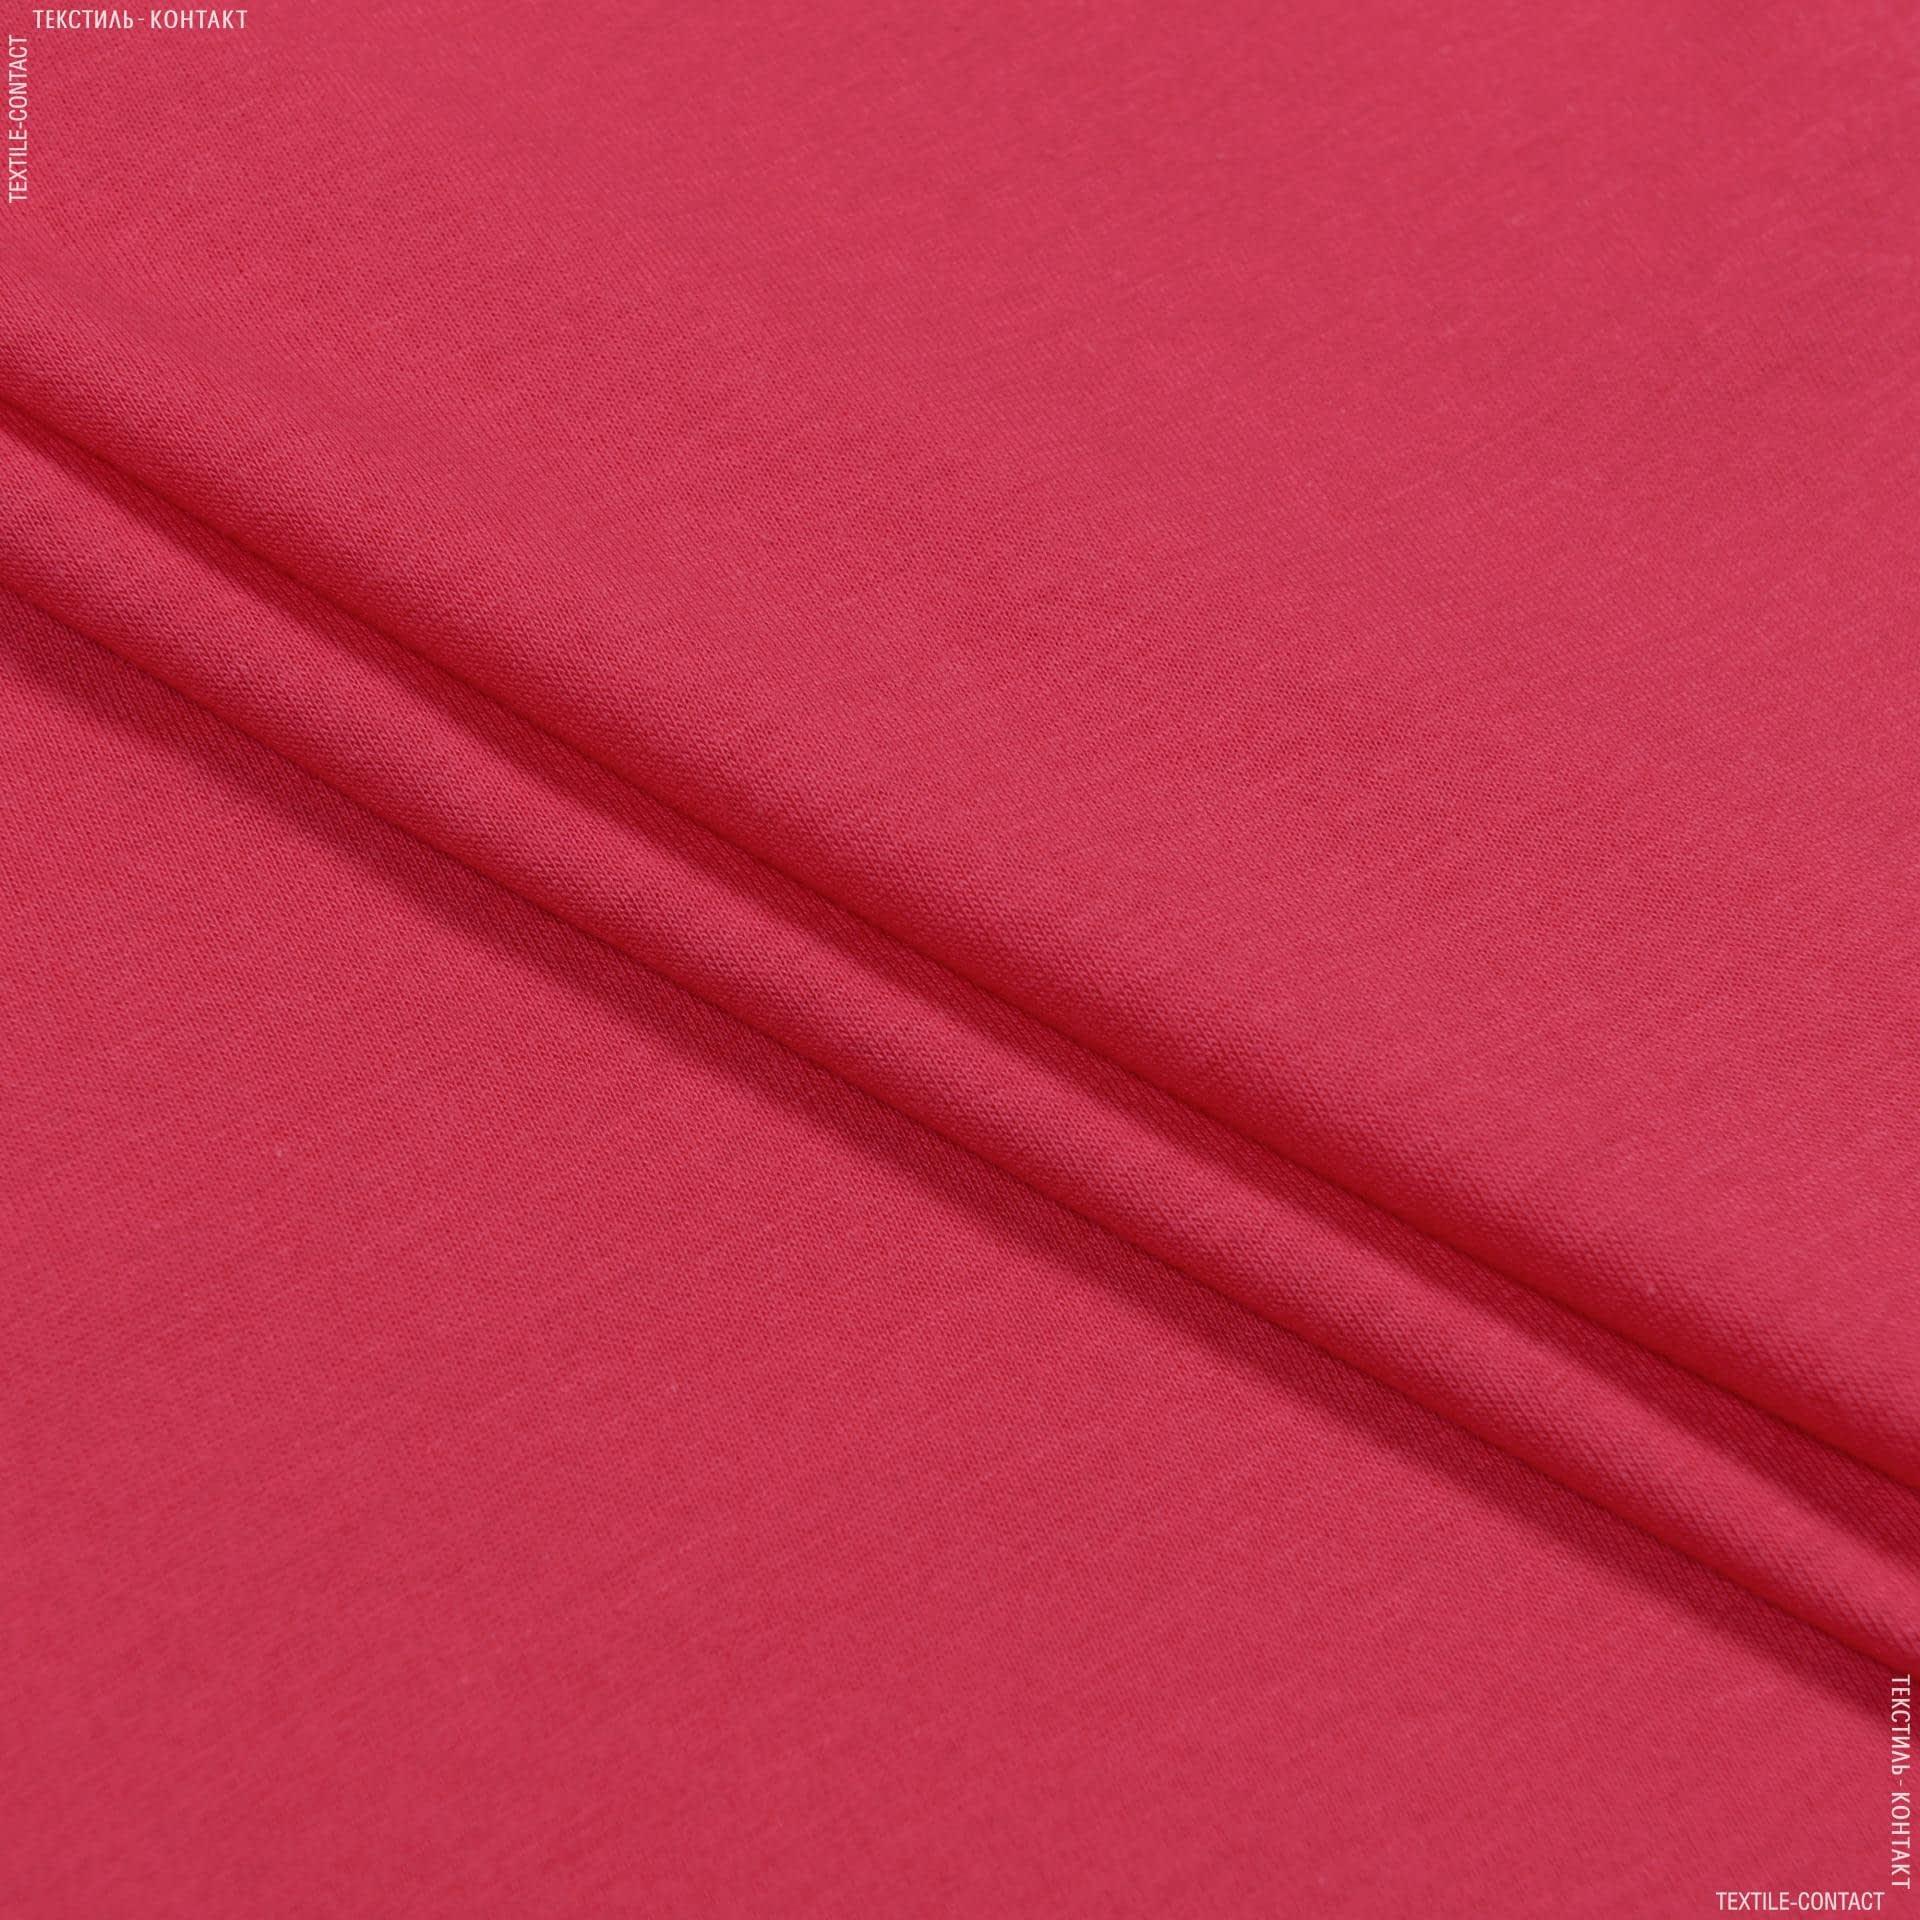 Ткани подкладочная ткань - Трикотаж подкладочный темно-коралловый